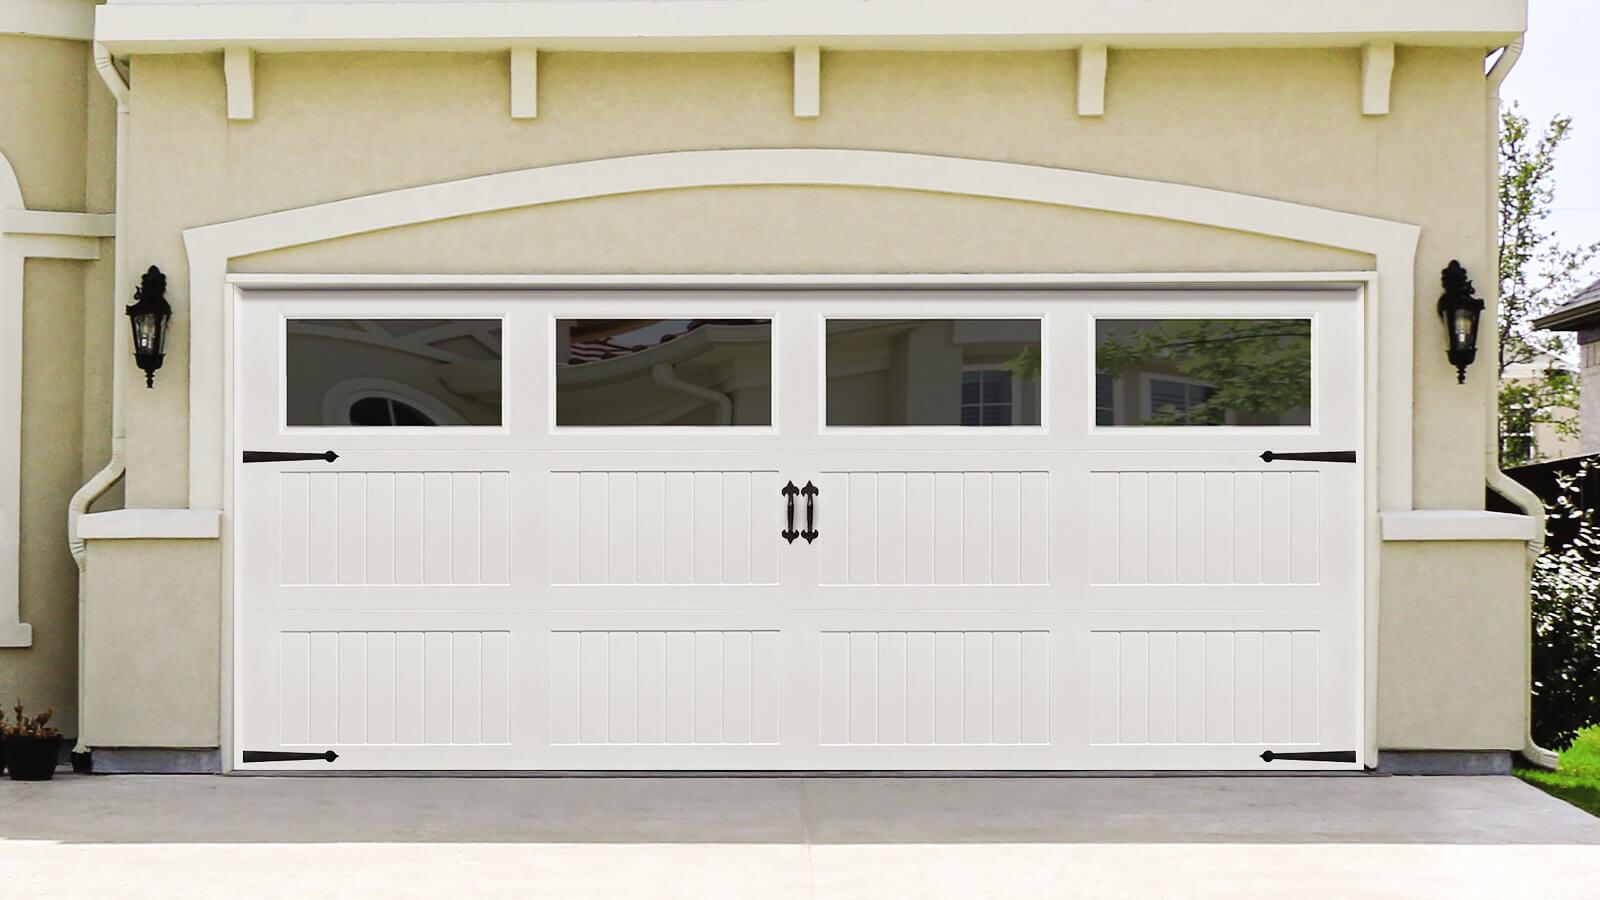 Impression Steel Garage Door